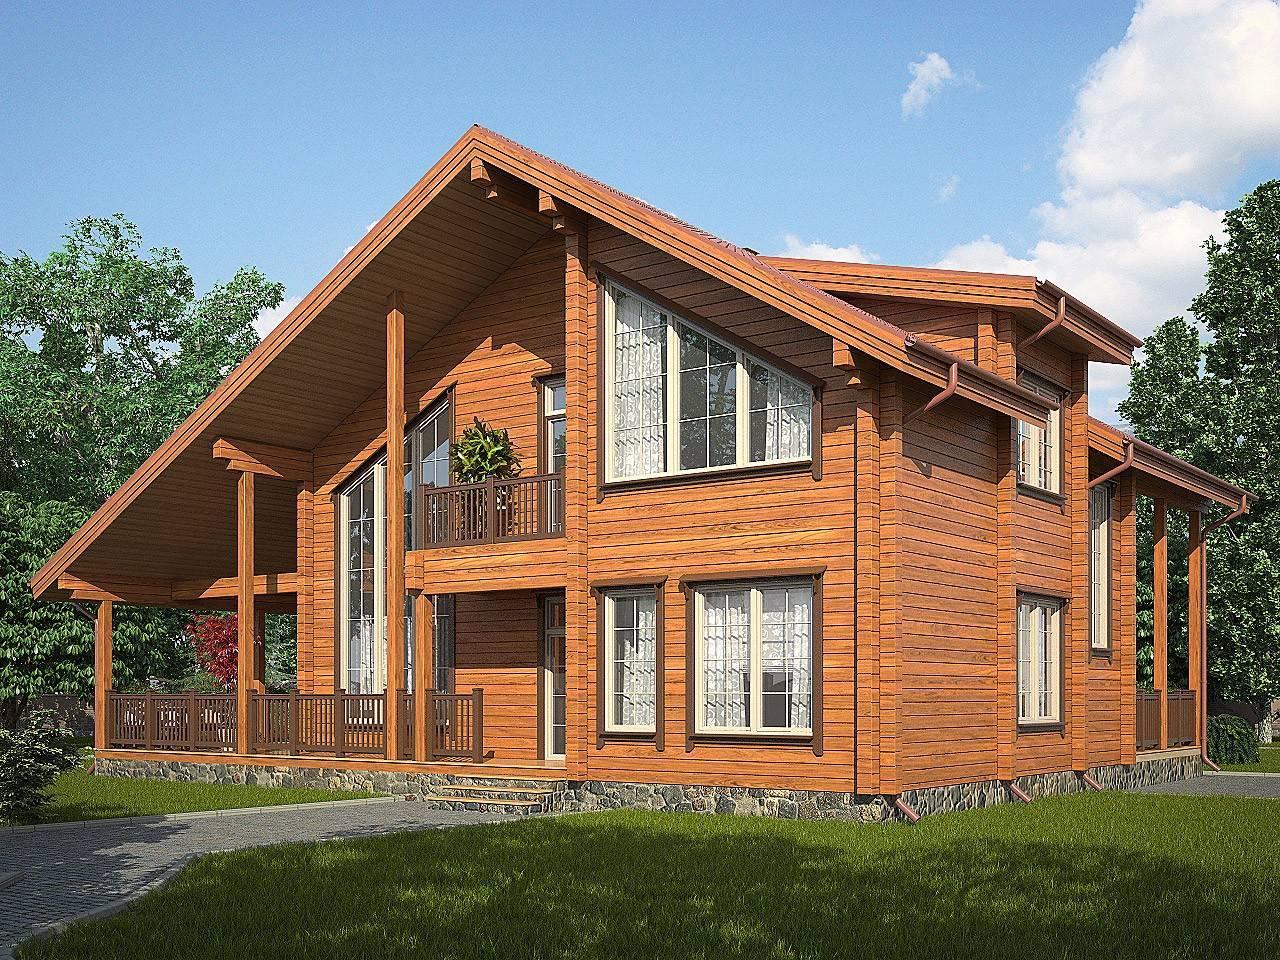 Строительство домов из клееного бруса: разбор самого высокотехнологичного направления загородного строительства